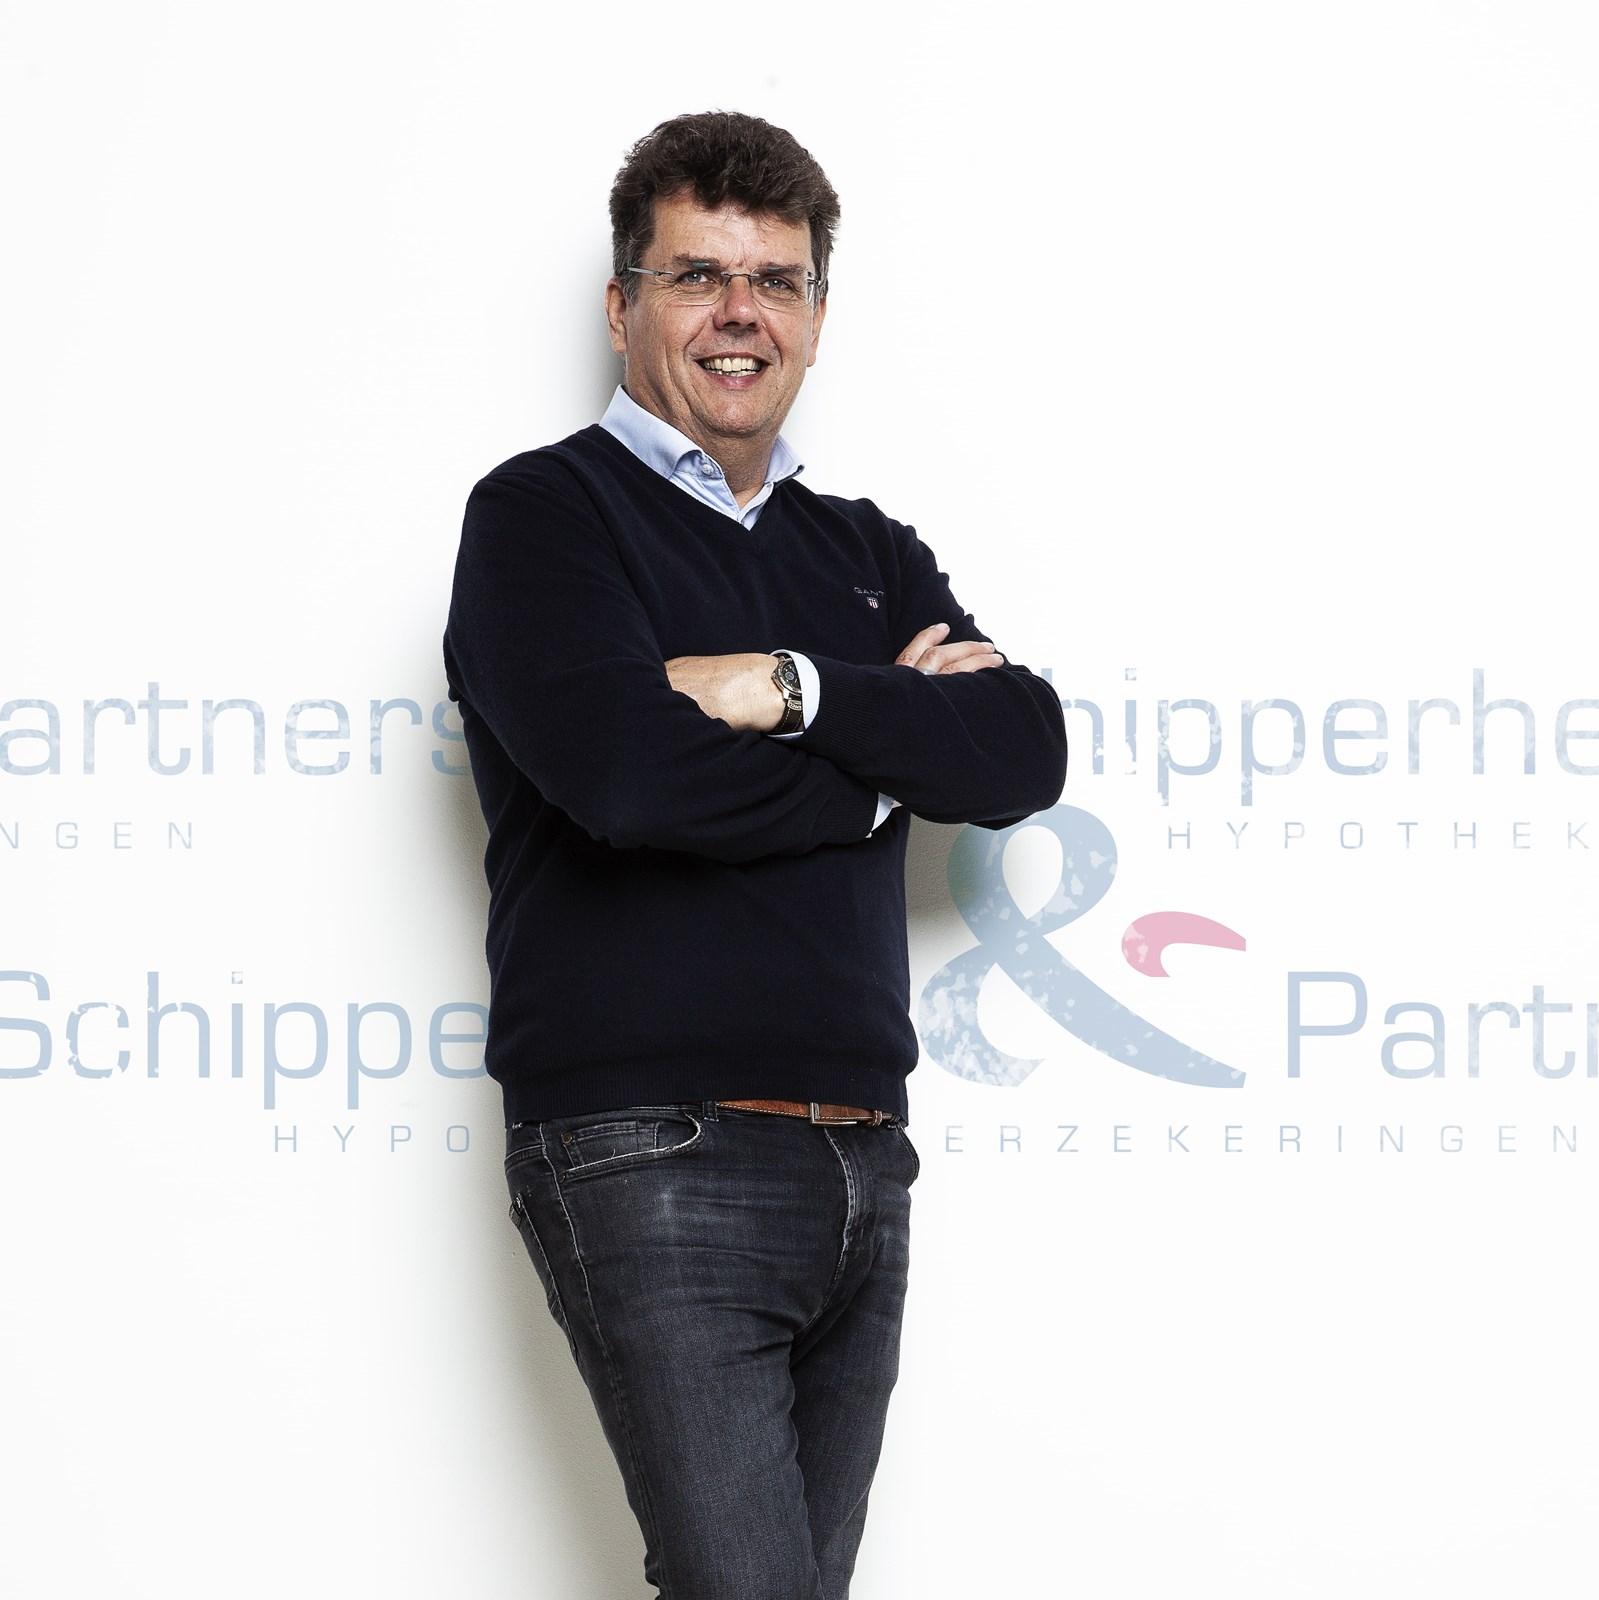 Foto van Bart Schipperheijn